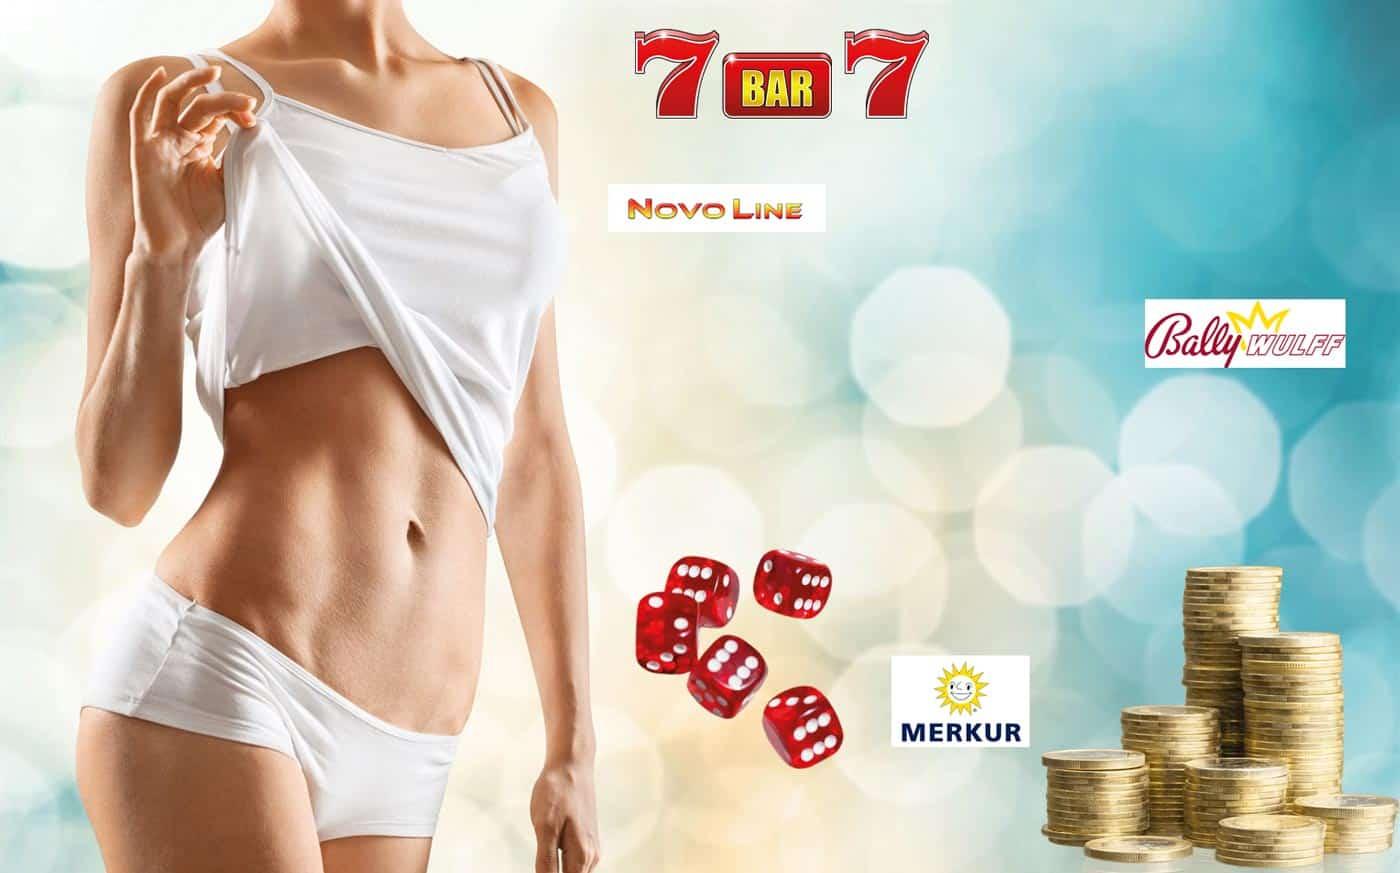 Sexy Frau im online Casino mit riesen Gewinnen - auch bei Novoline Spielen